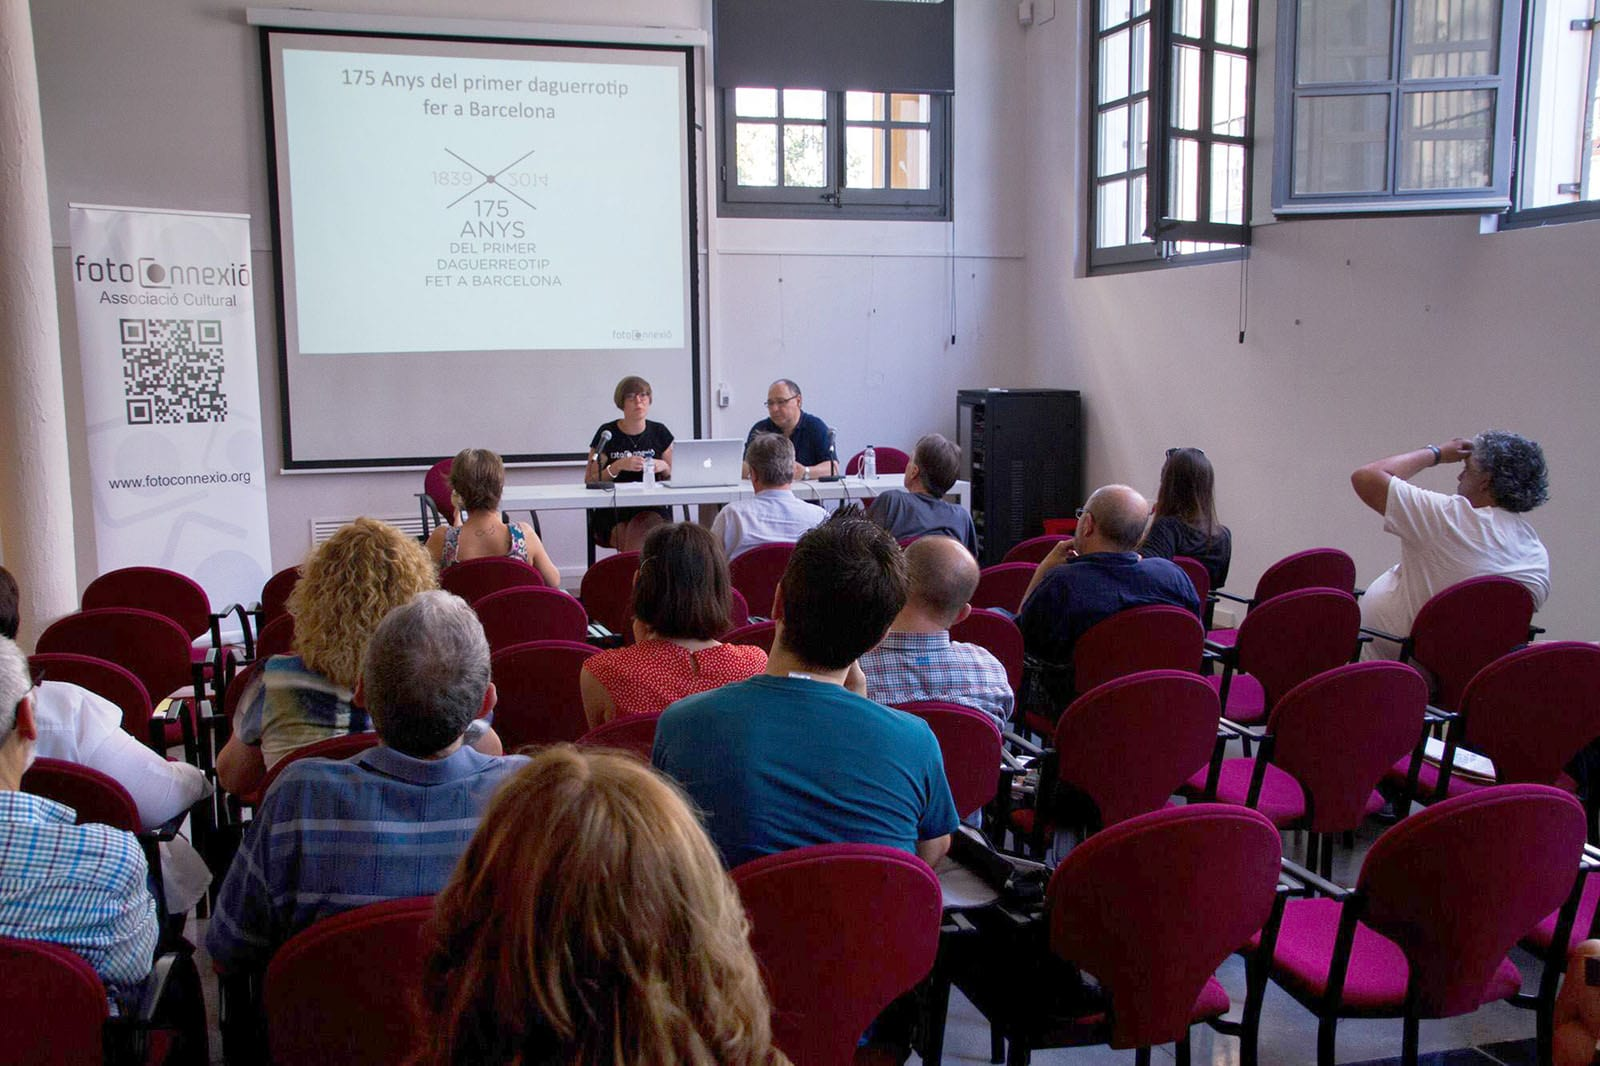 Presentació de l'associació a càrrec de Christina Guldager i Ricard Marco a Revela-t 2015. 20/06/2015